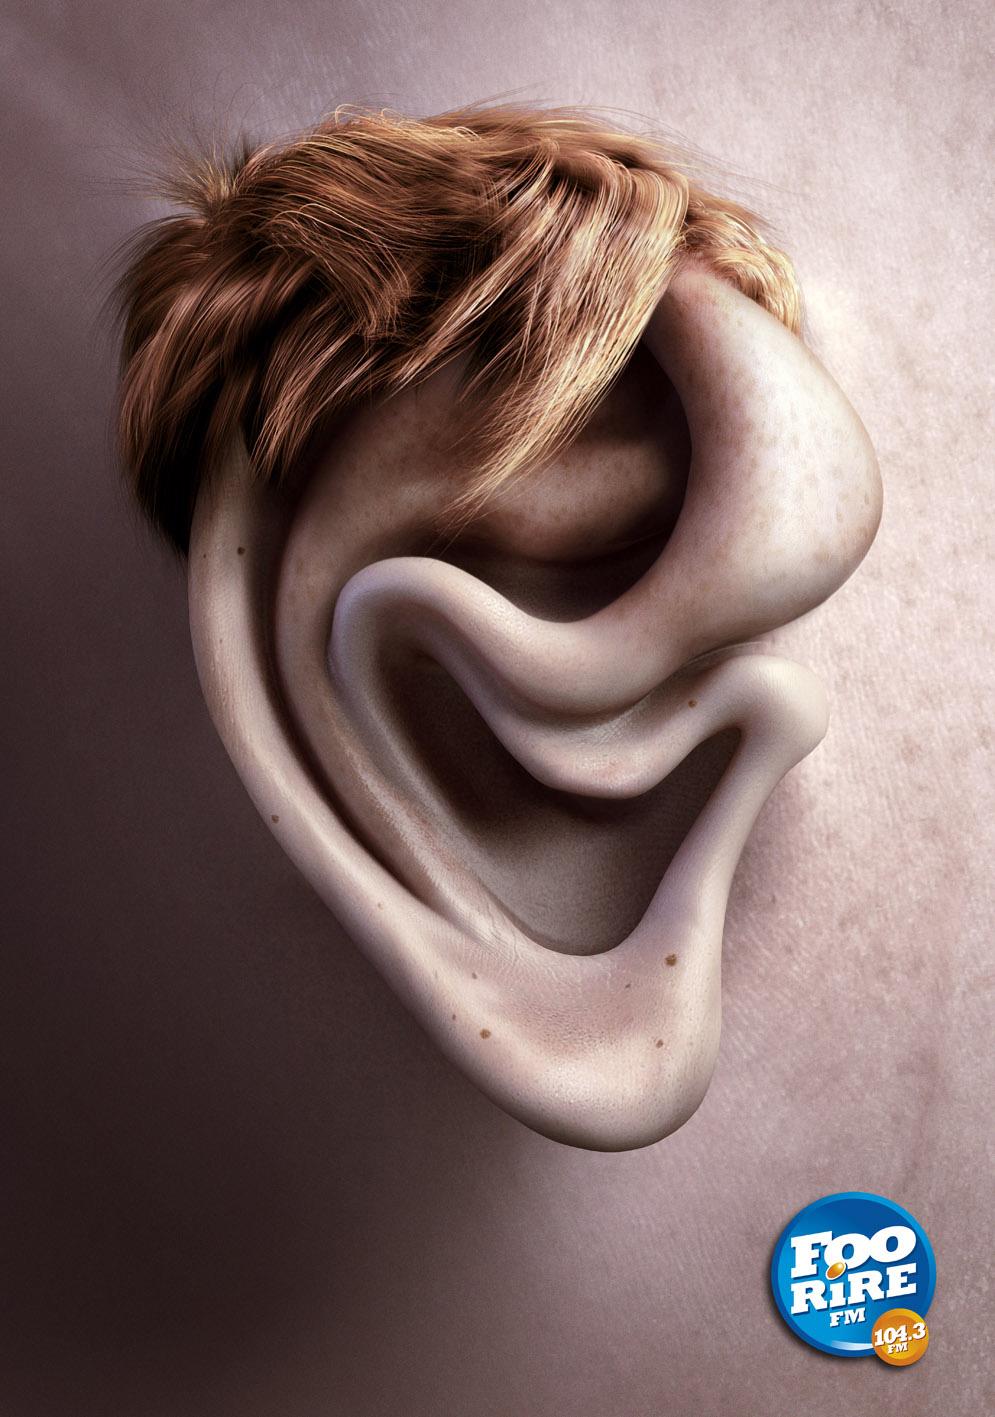 Картинка прикольных ушей